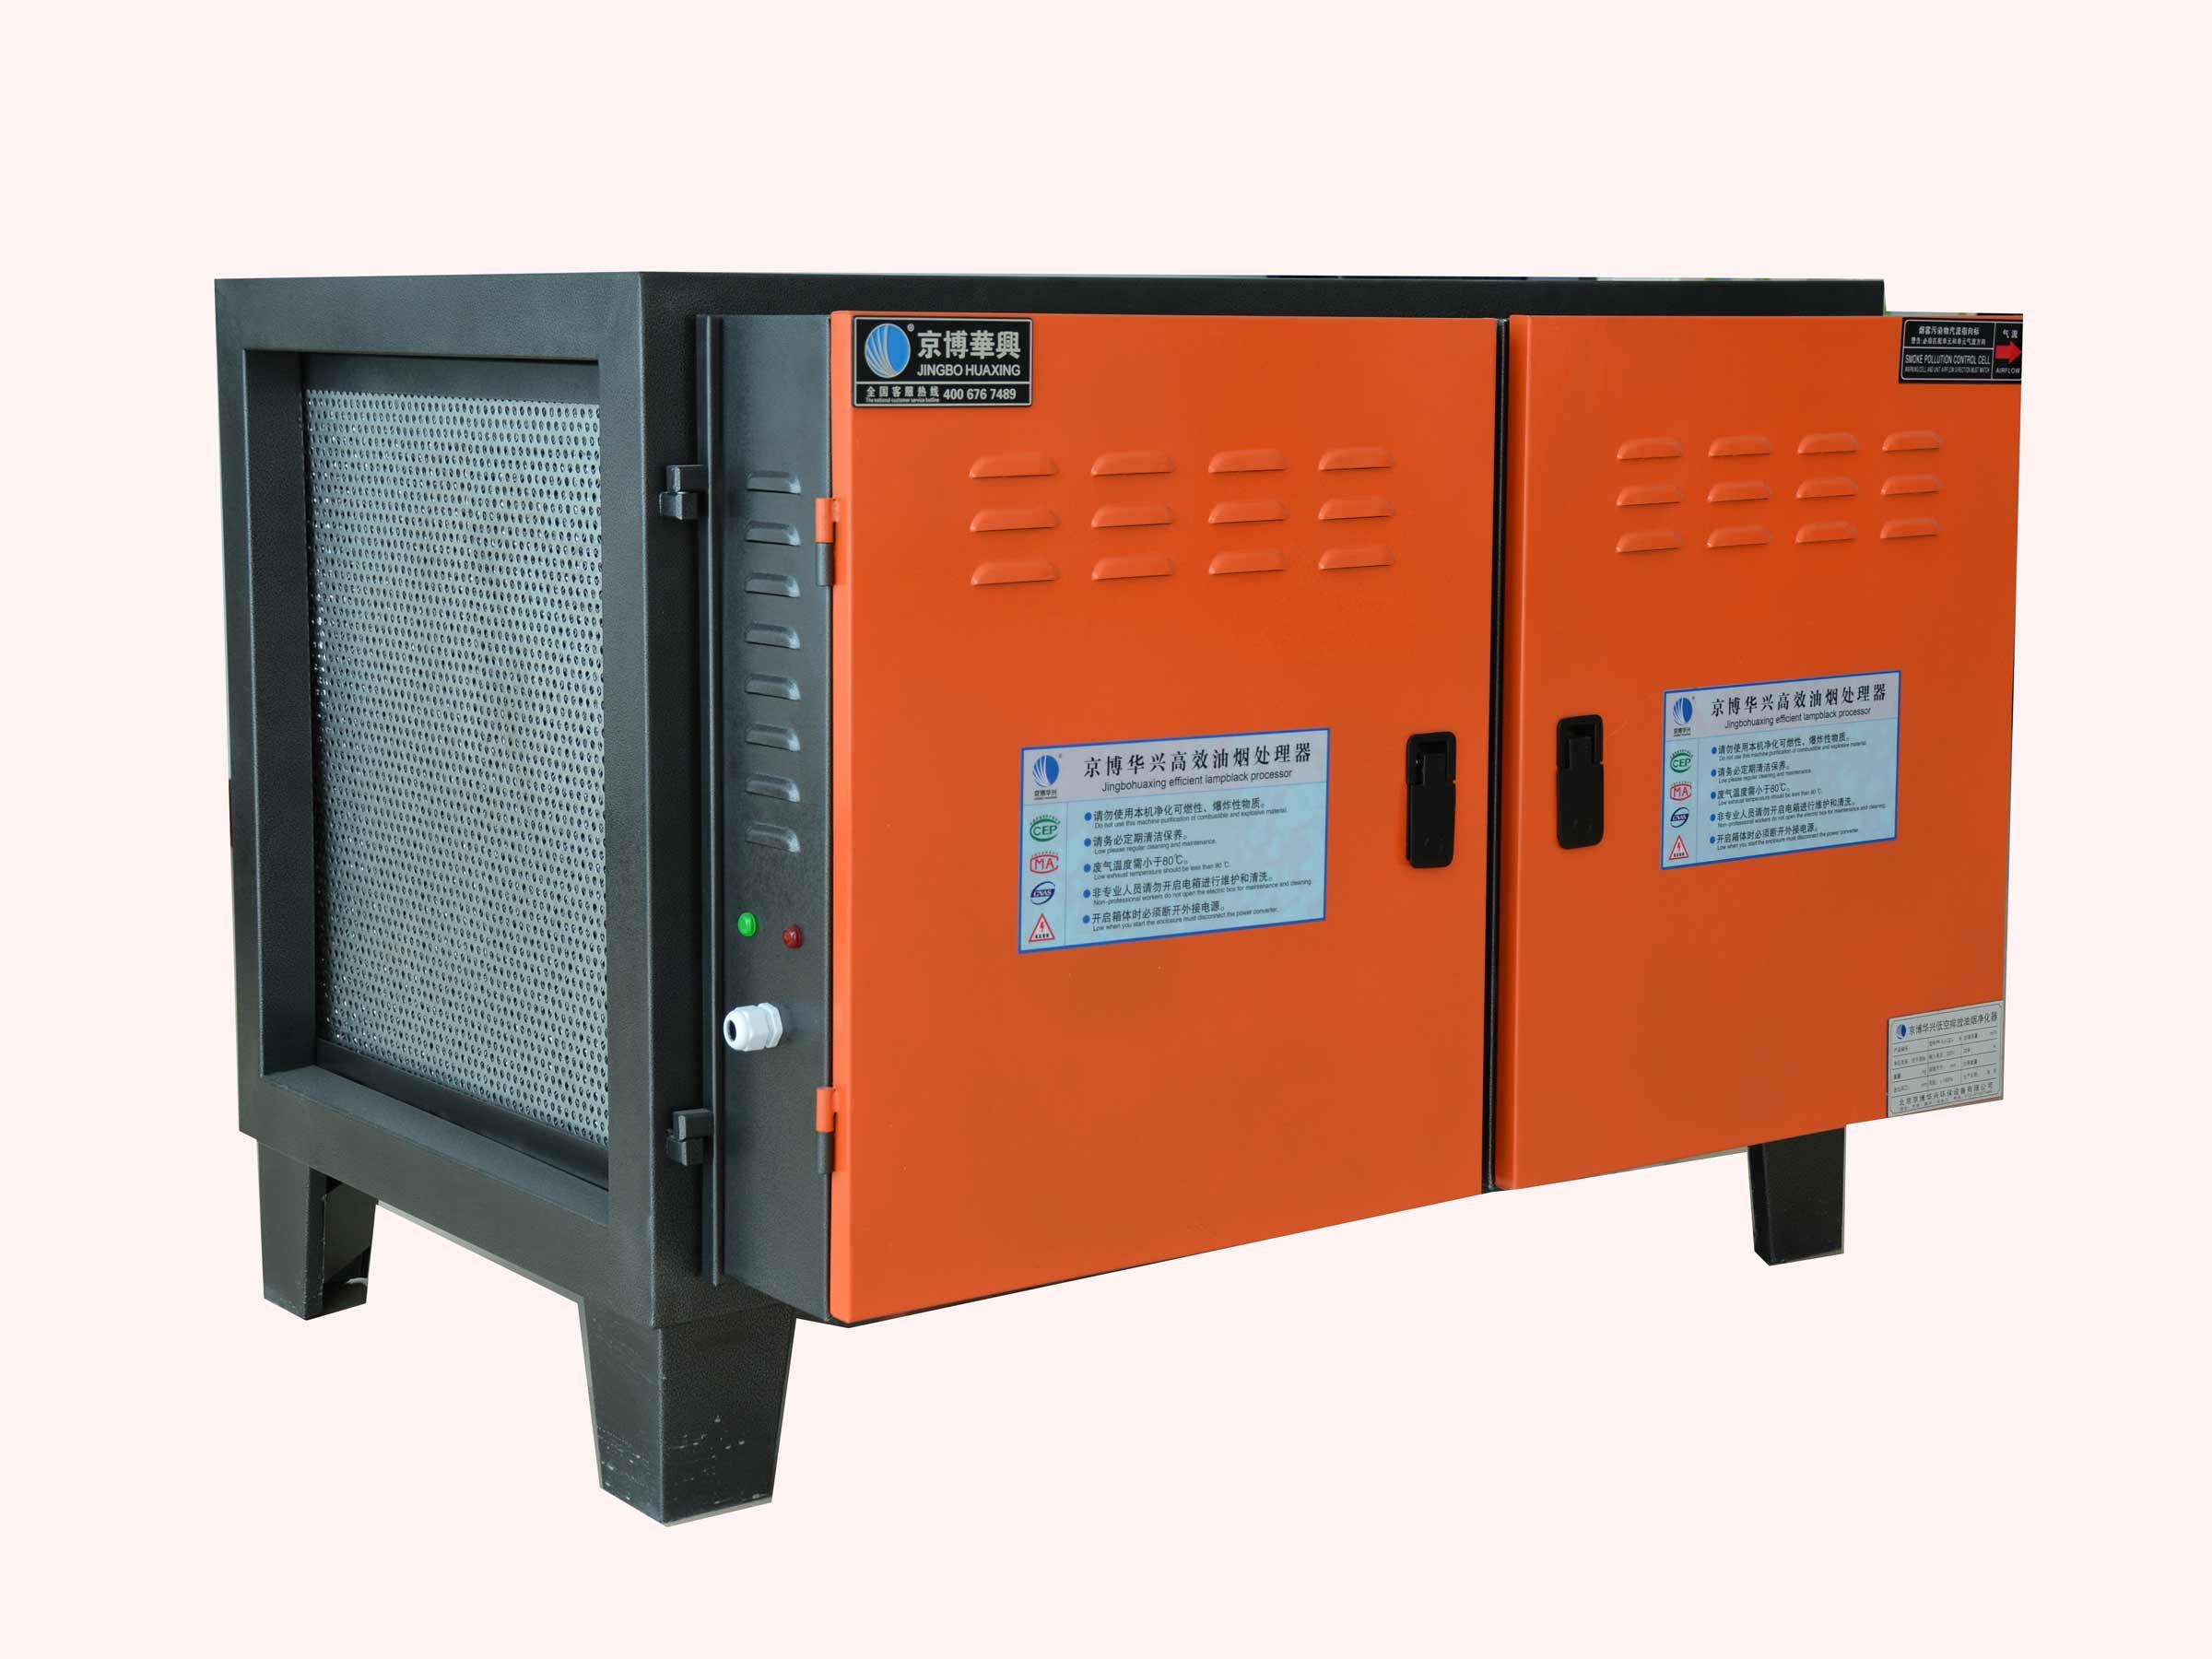 成都低空排放油烟净化器|山东低空排放油烟净化器生产商